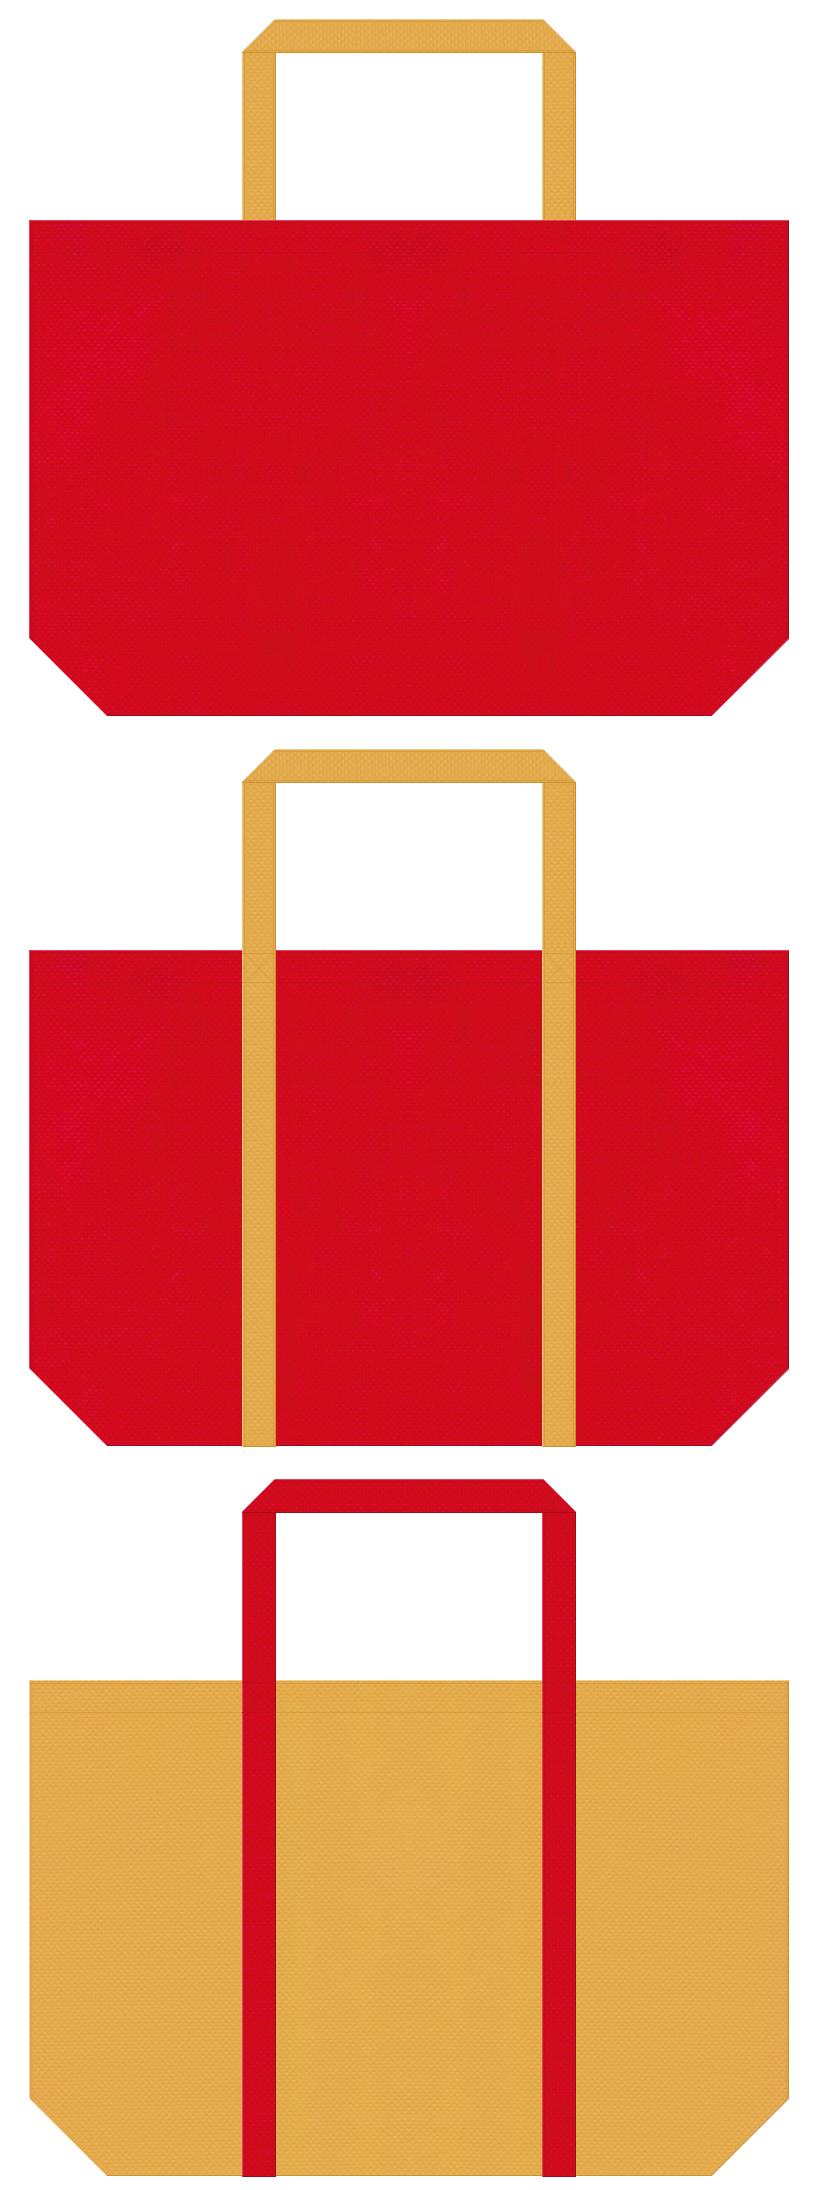 不織布ショッピングバッグのデザイン:紅色と黄土色のコーデ。節分商品のショッピングバッグにお奨めです。